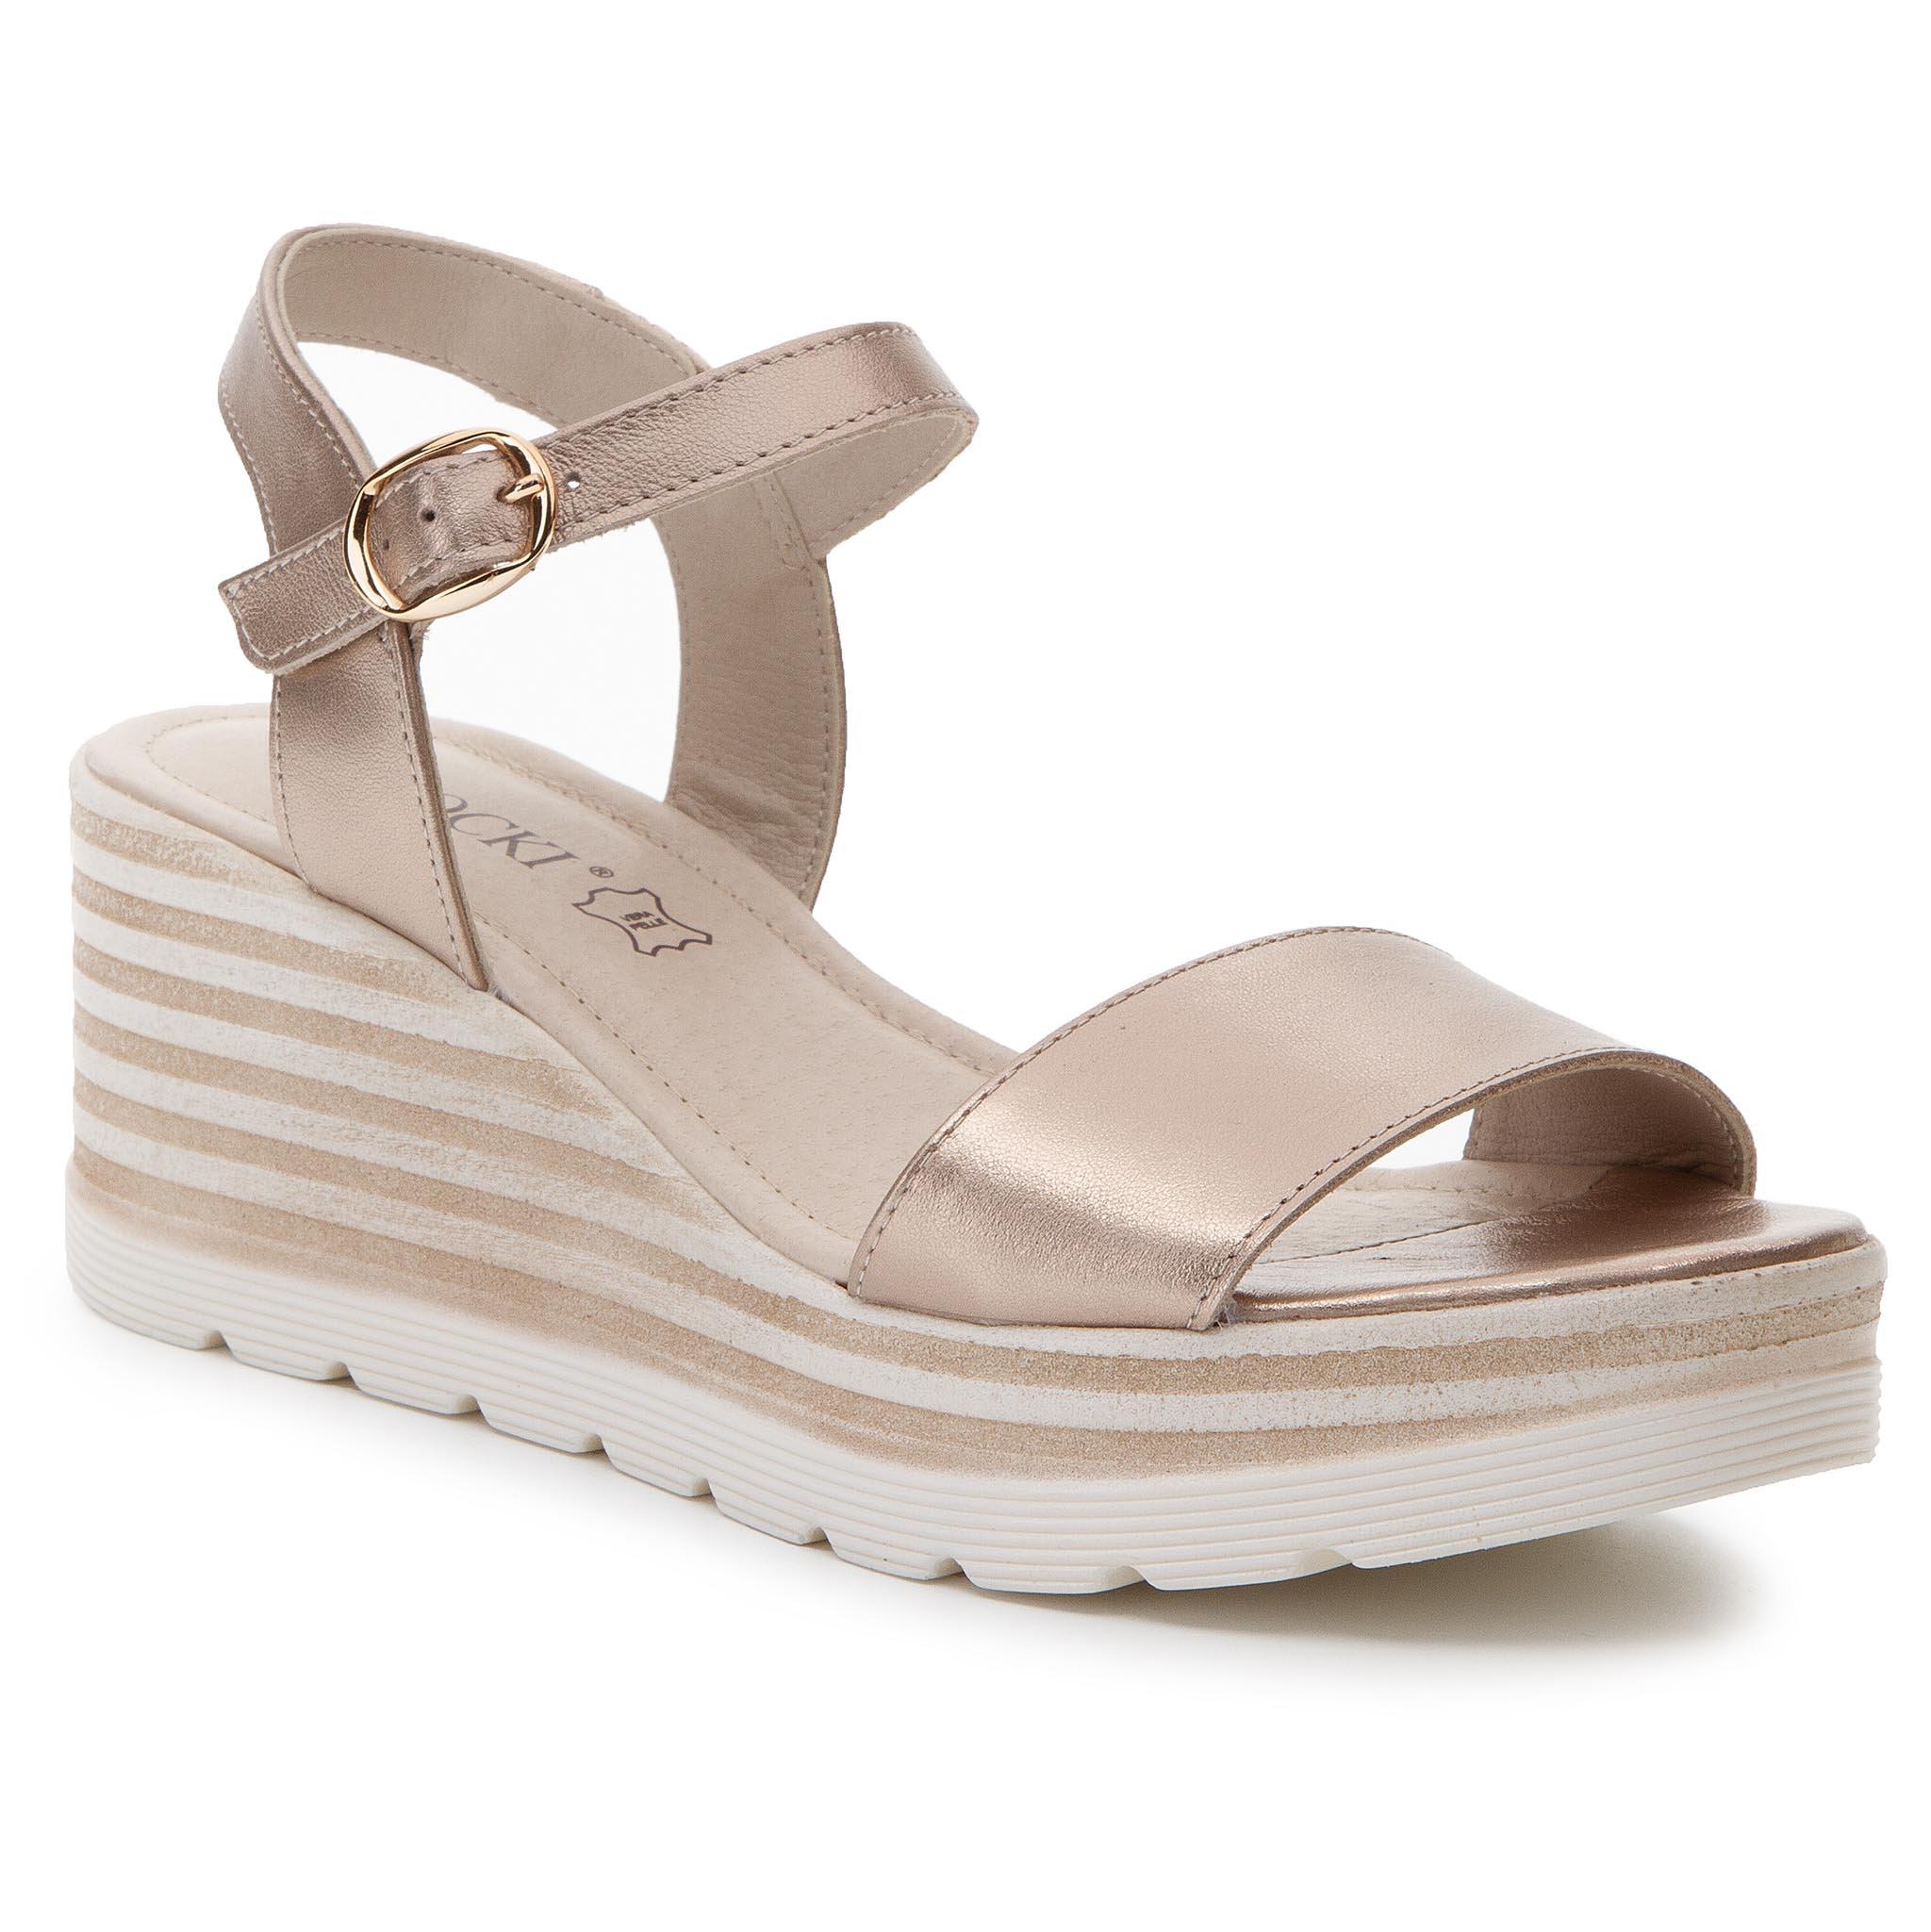 073f3a73ac sandále Lasocki 2148-01 zlatá Dámske - Topánky - Sandále - https   ccc.eu